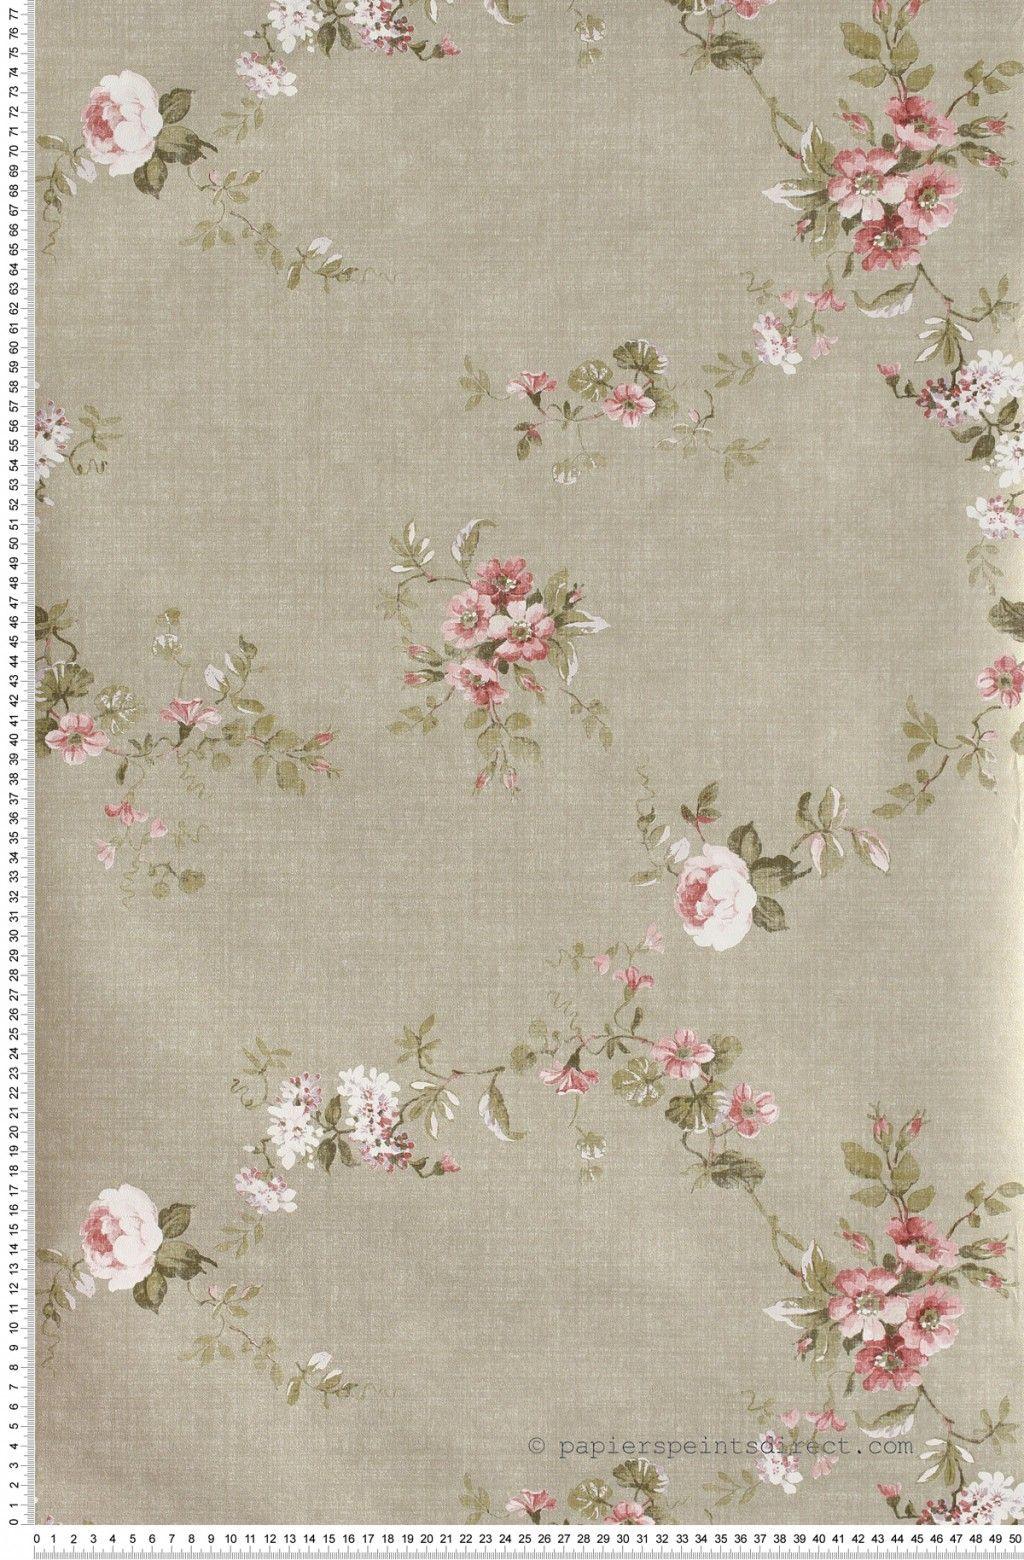 papier peint anglais papier peint shabby chic bleu rose papier peint en anglais la fine fleur. Black Bedroom Furniture Sets. Home Design Ideas